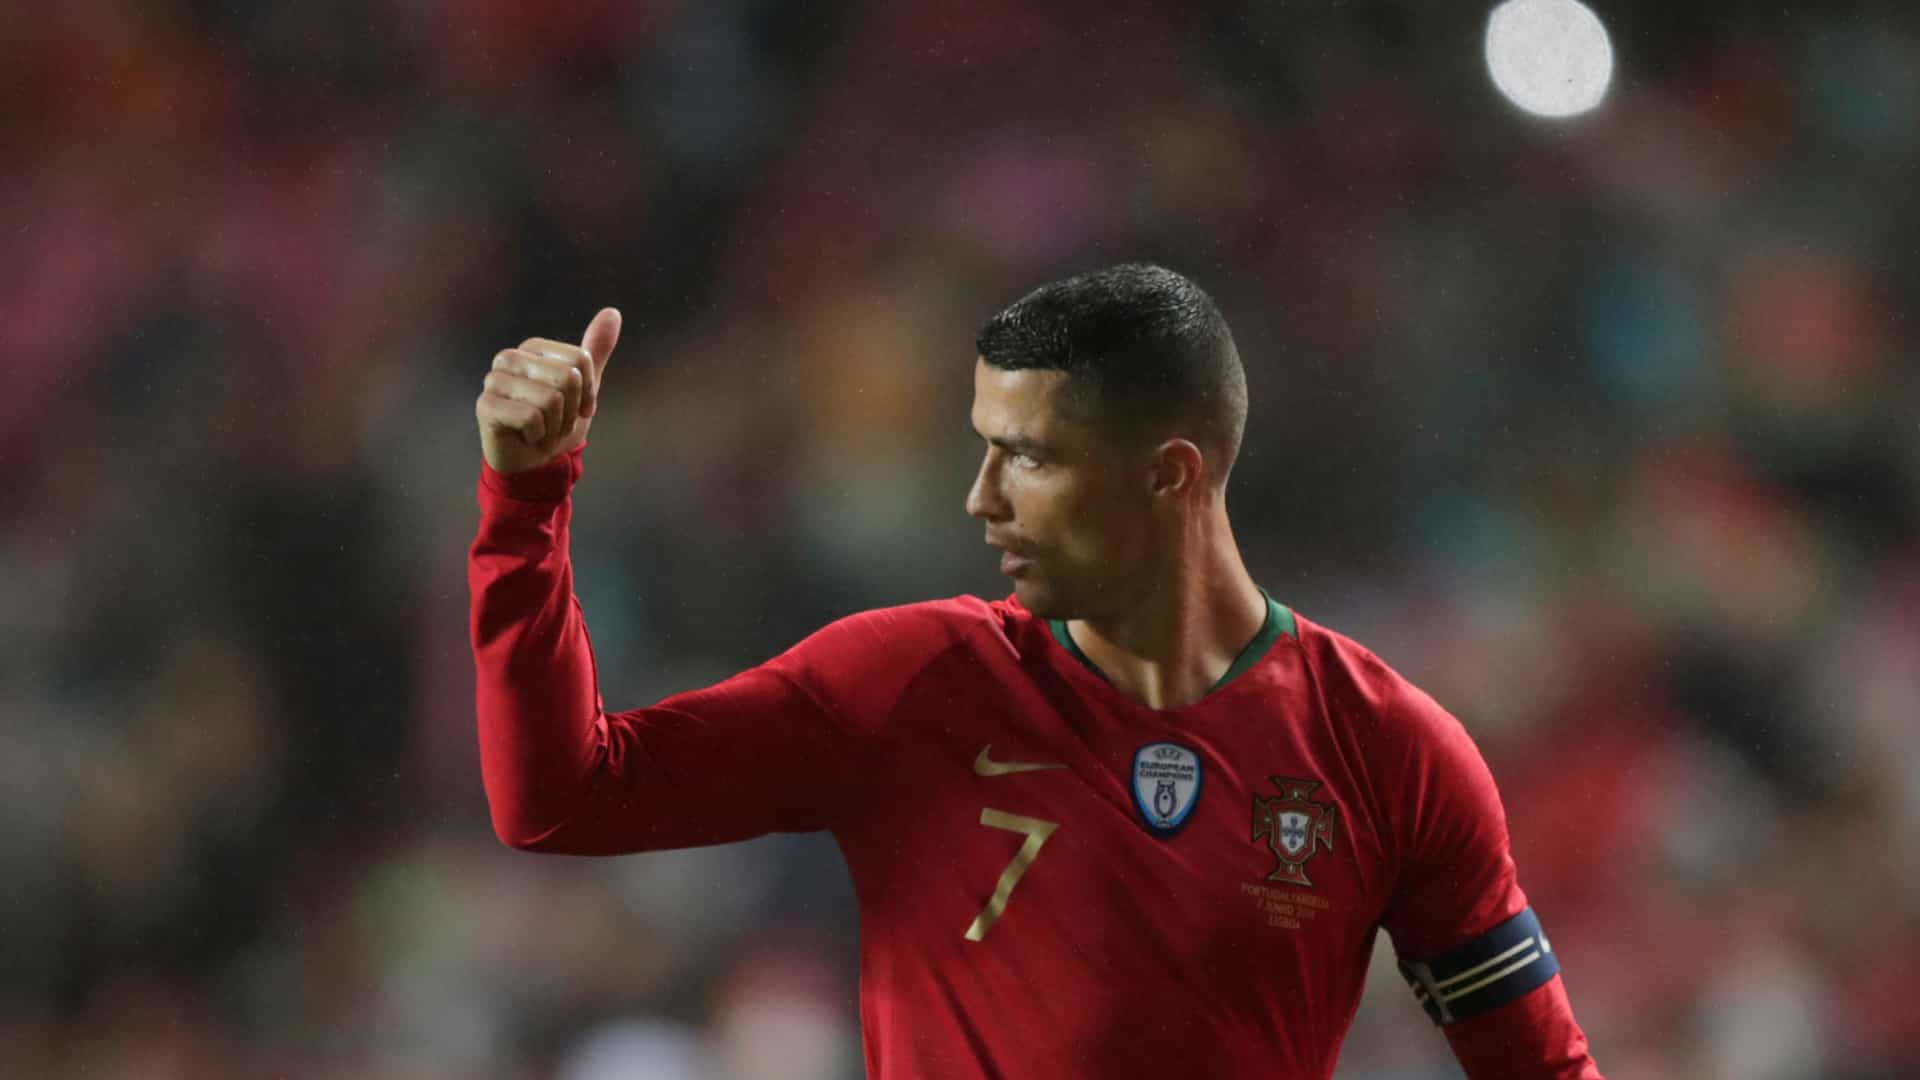 Espanhóis (já) apontam três craques para o lugar Cristiano no Real